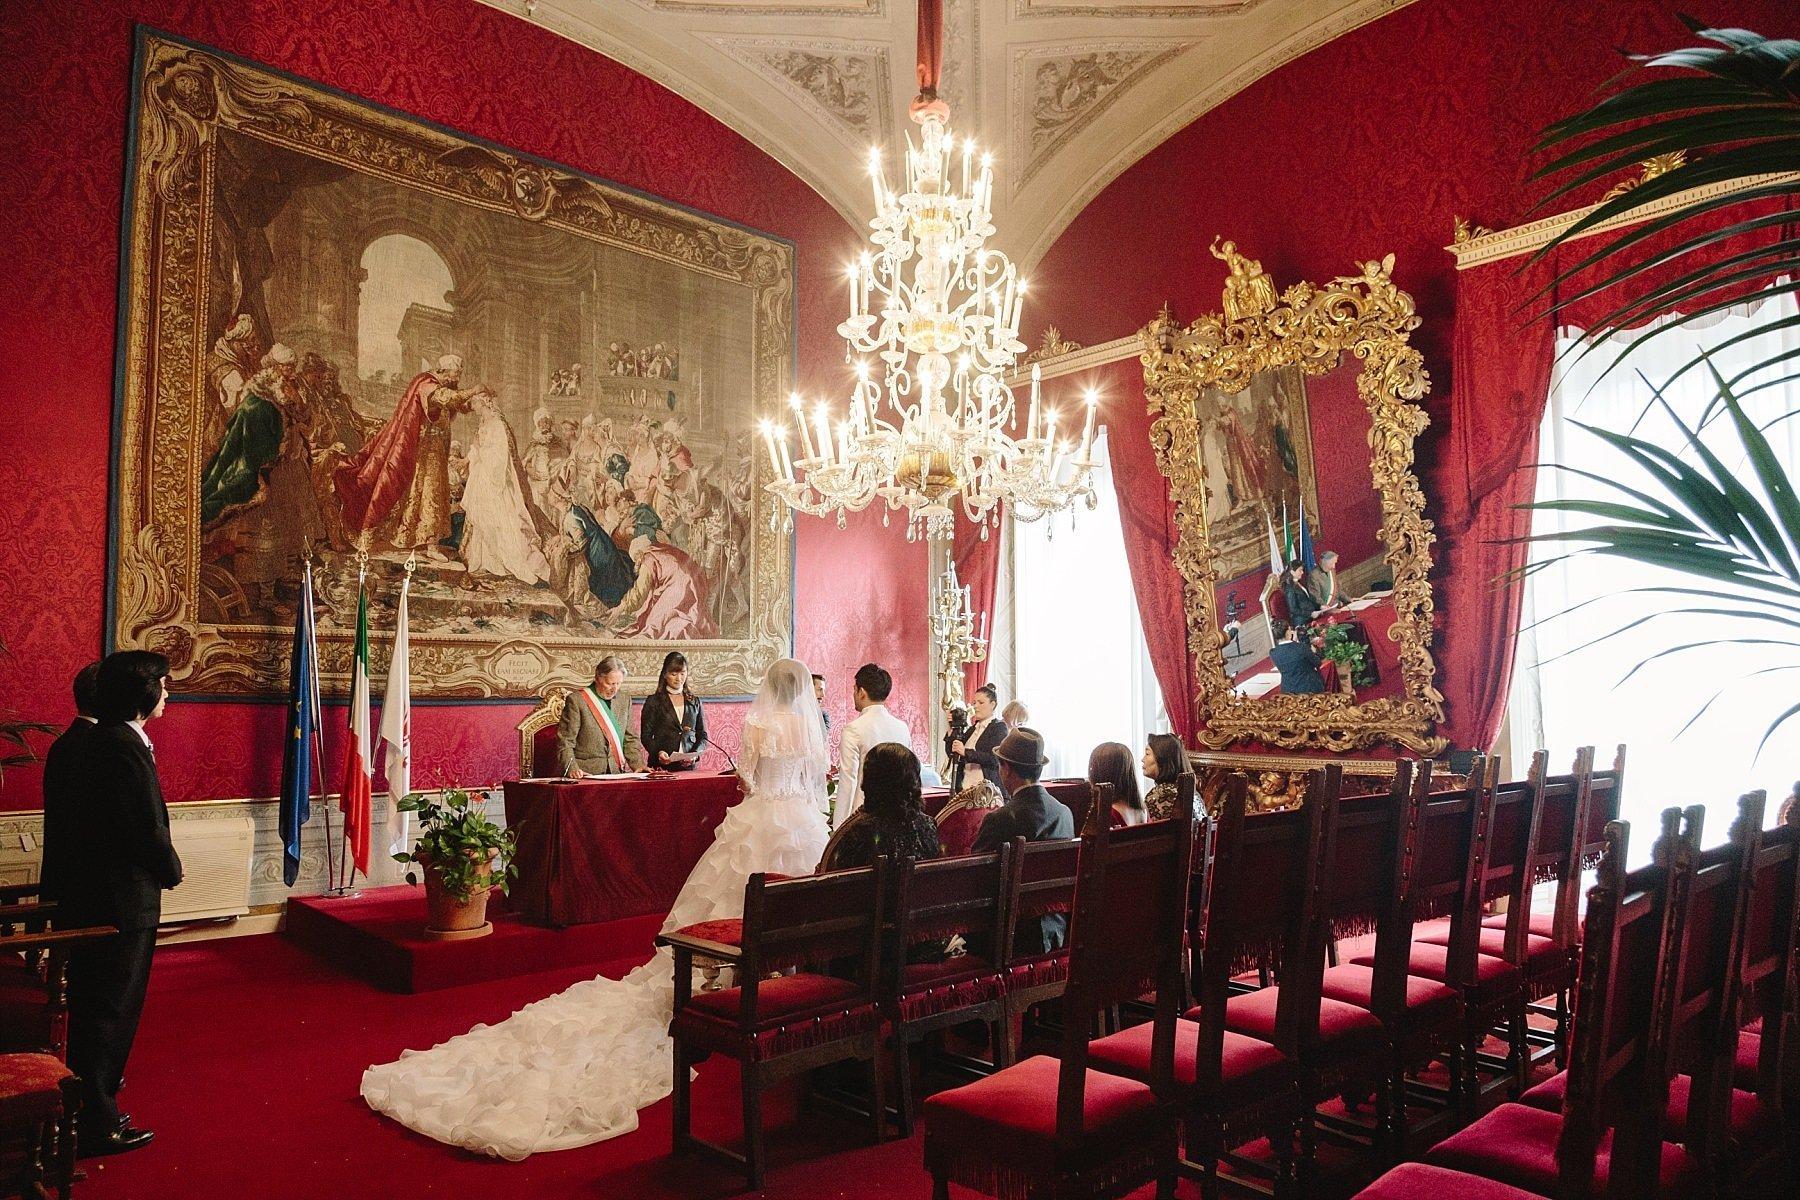 Cerimonia di sposi giapponesi nella sala rossa del Palazzo Vecchio a Firenze